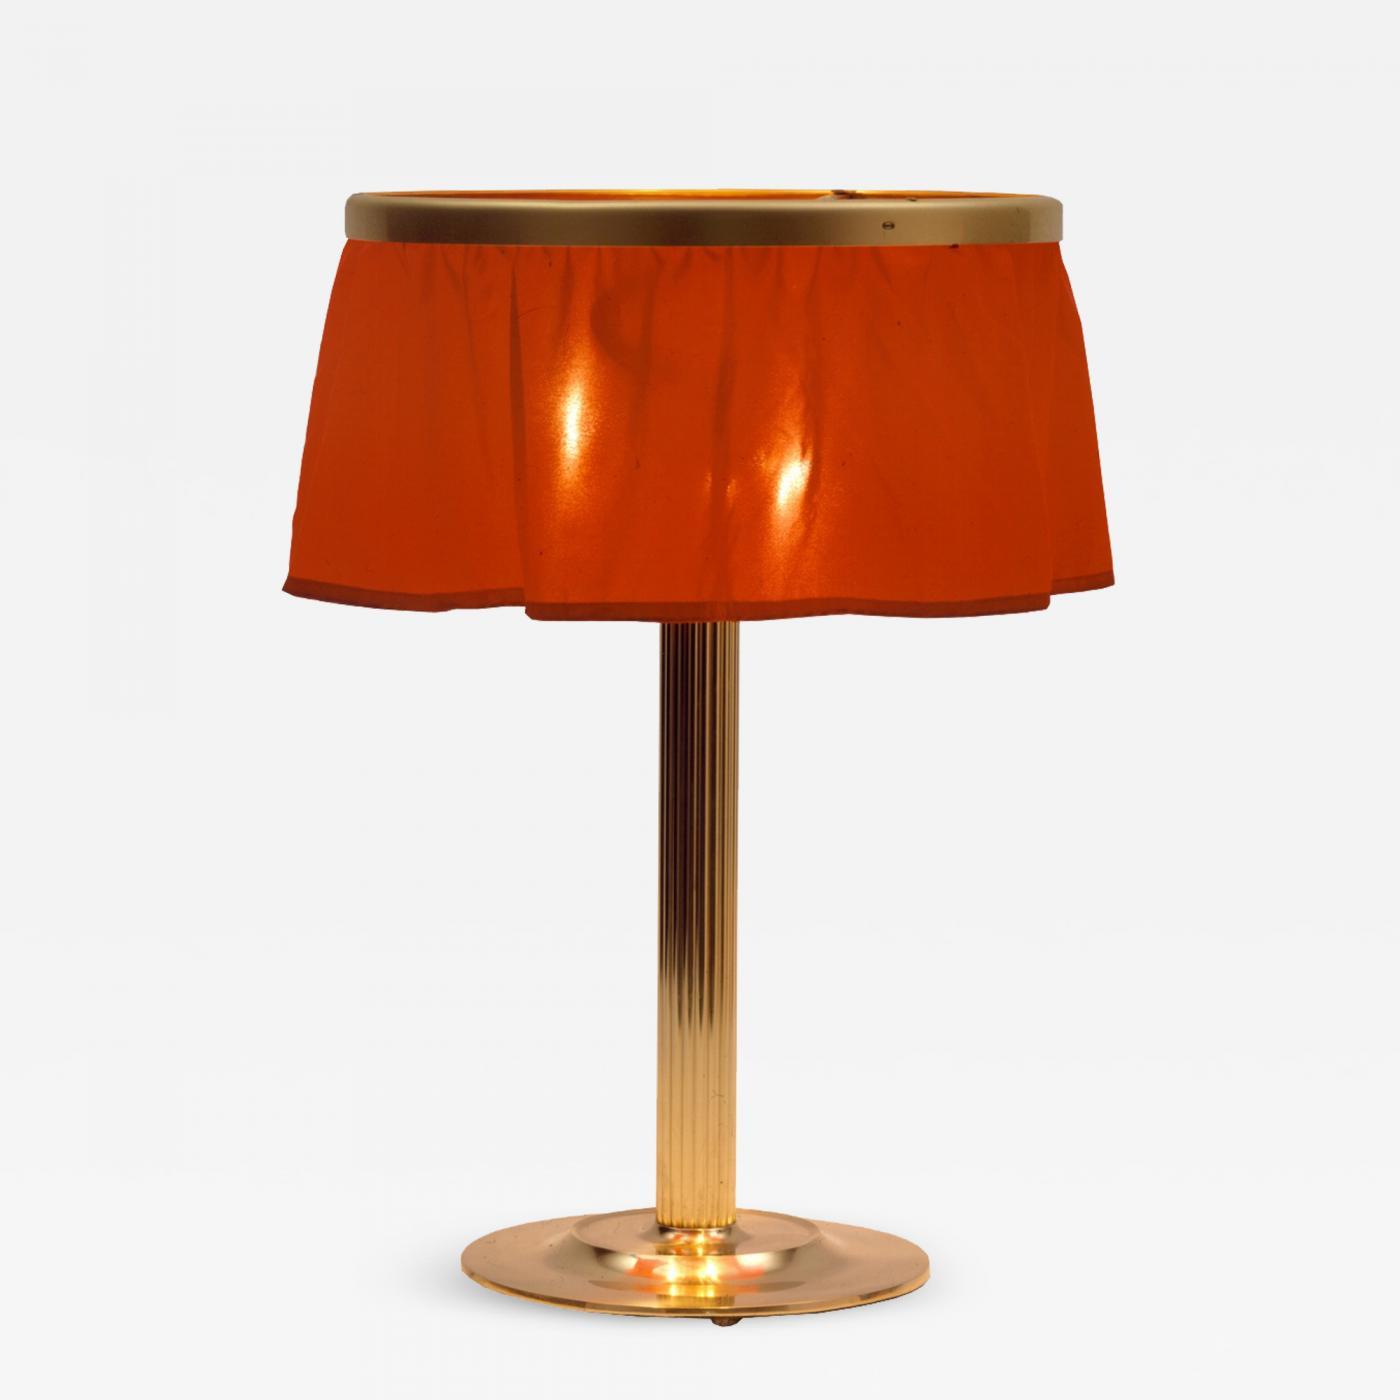 Adolf Loos Lamp Loos1910 Table Table Adolf Loos Loos1910 uJlFc35TK1